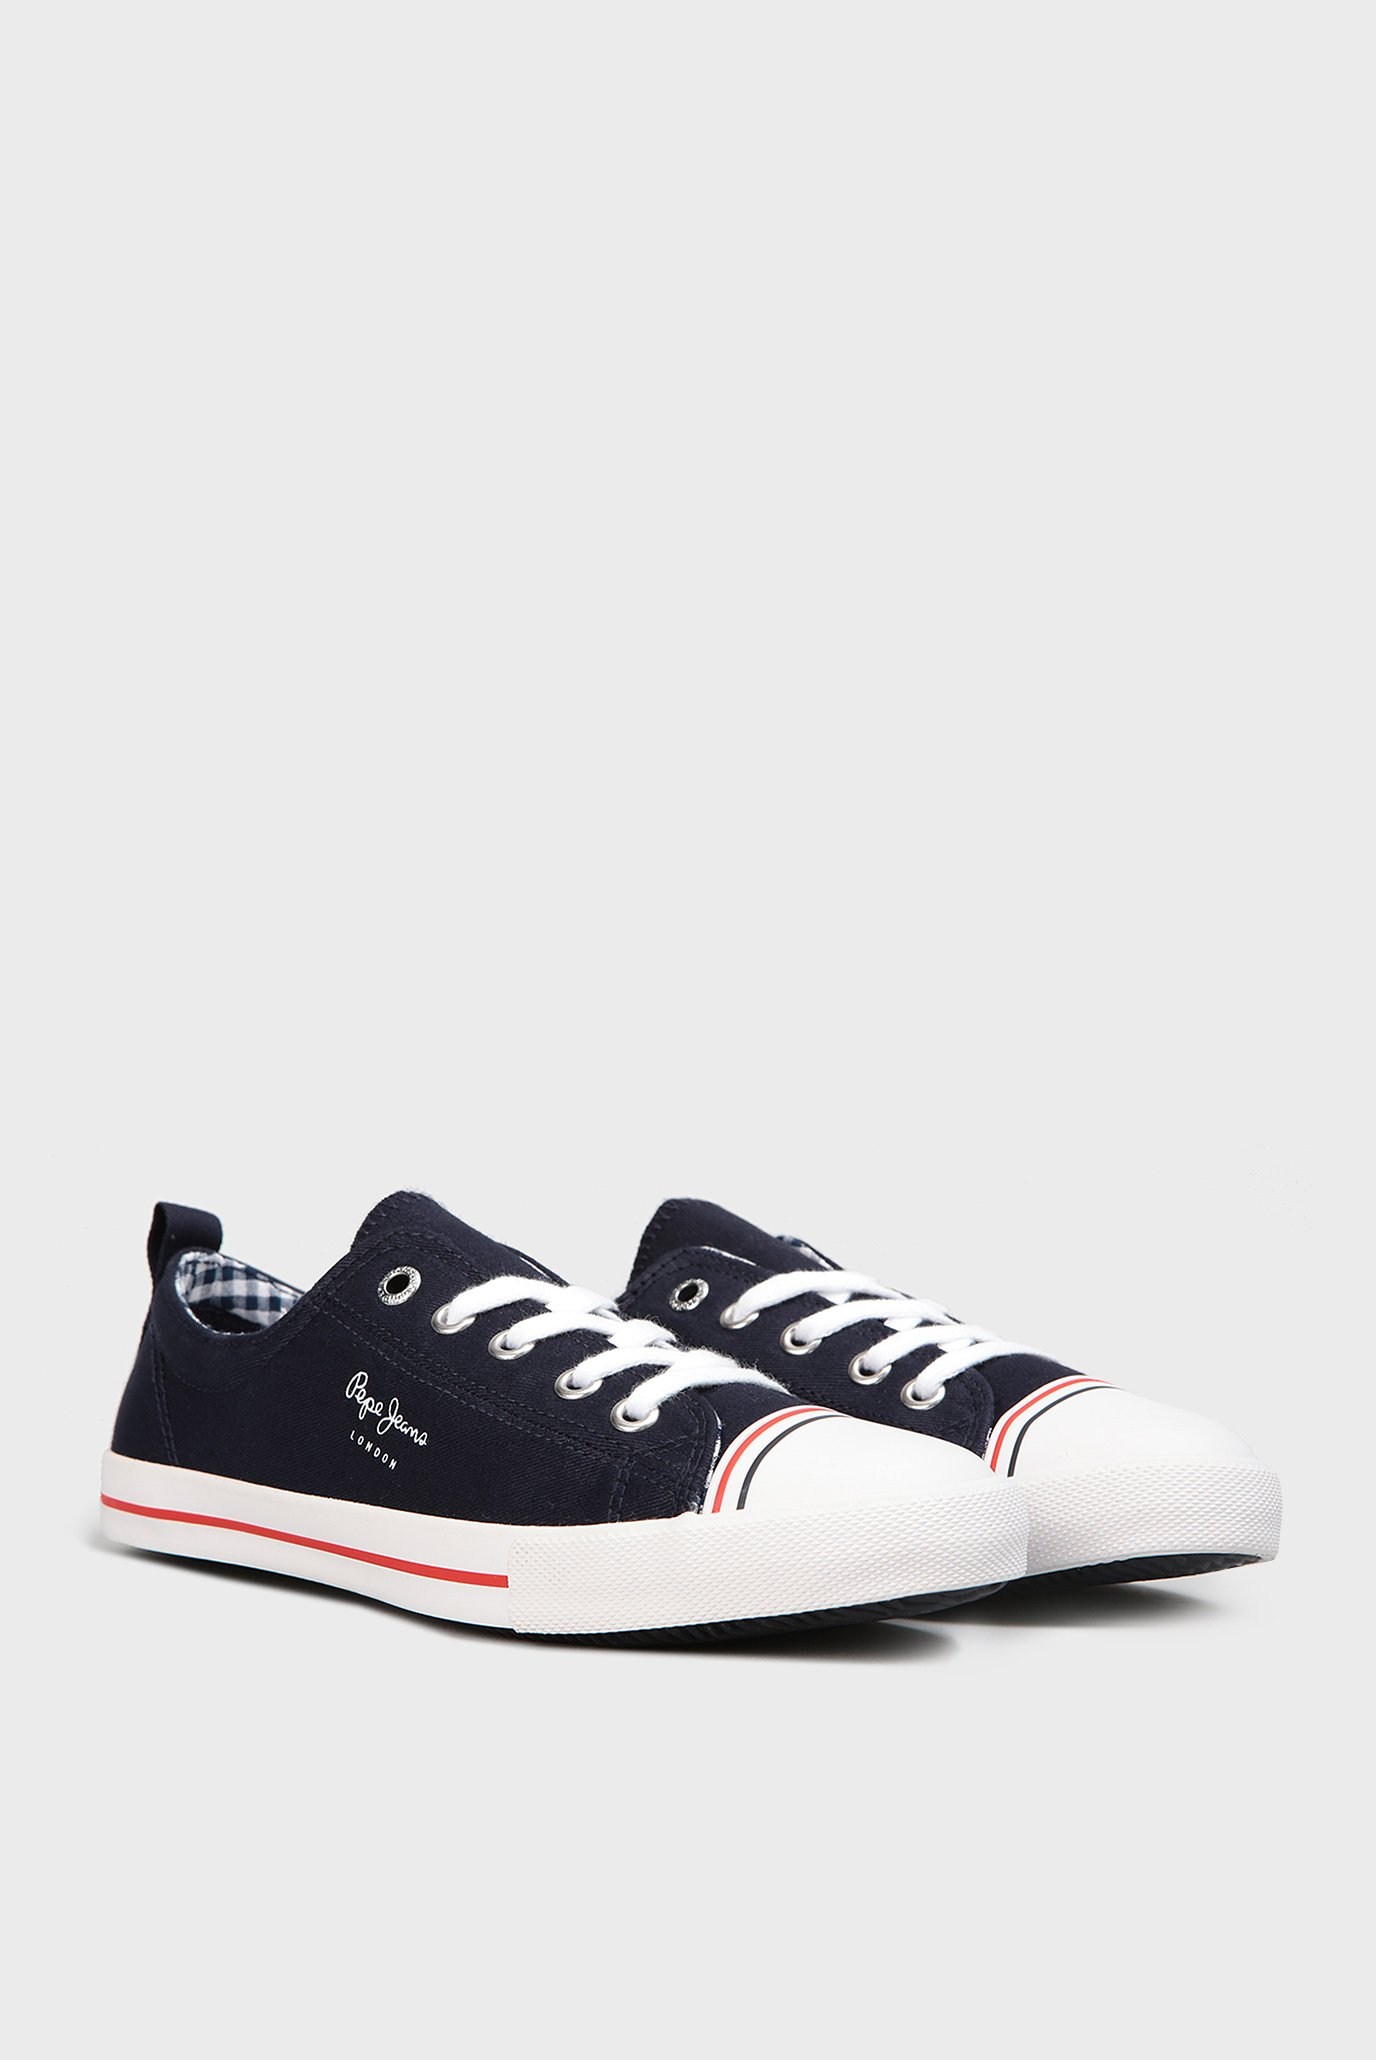 Купить Женские темно-синие кеды Pepe Jeans Pepe Jeans PLS30657 – Киев, Украина. Цены в интернет магазине MD Fashion